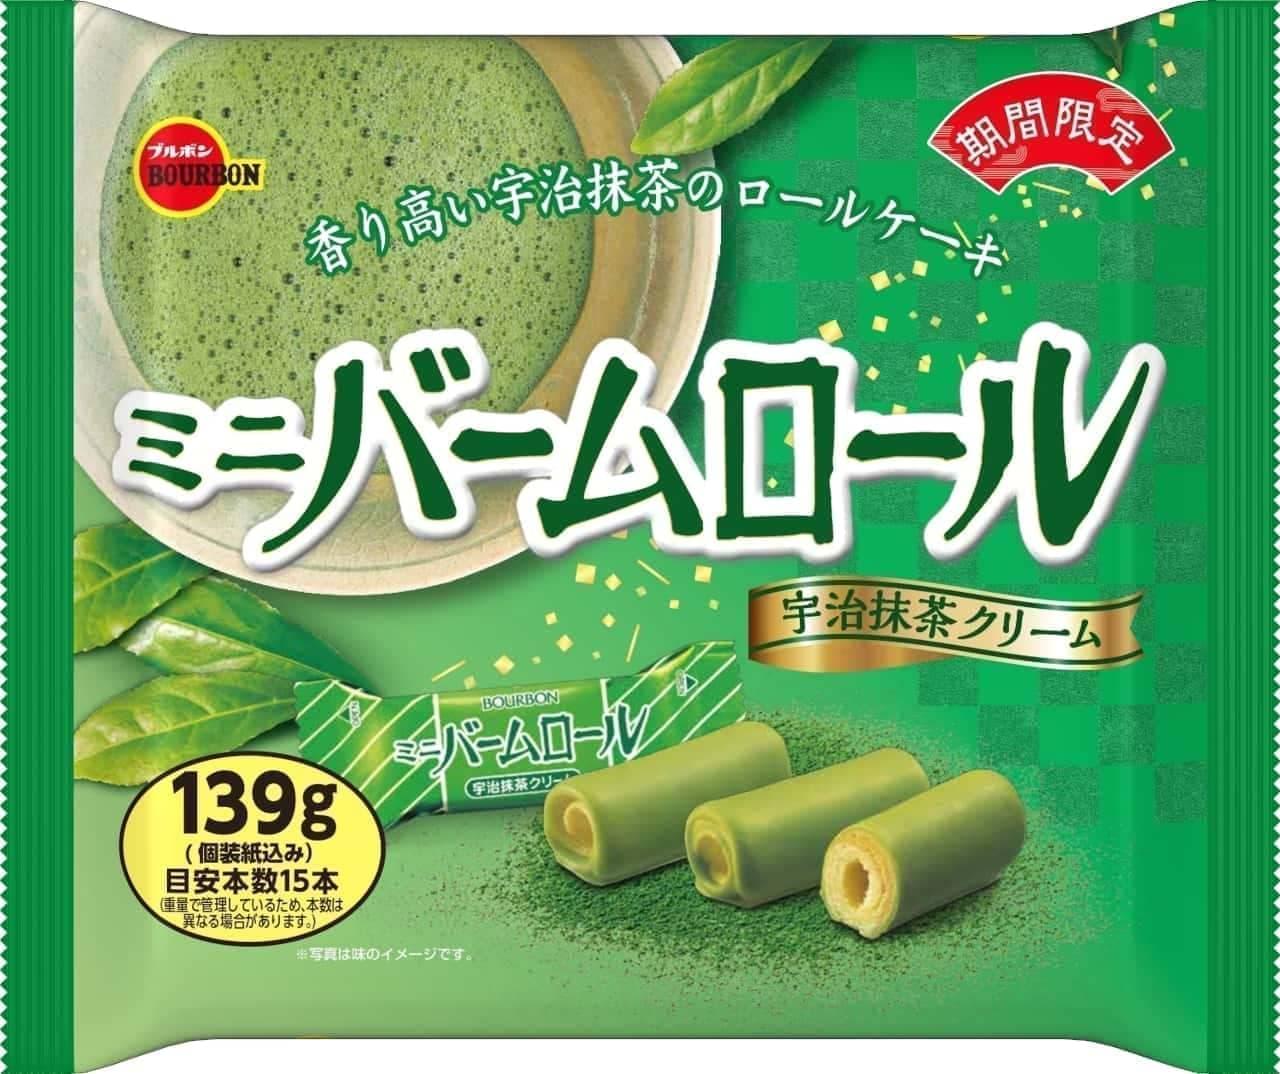 ブルボン「抹茶フェア」限定スイーツ9種まとめ